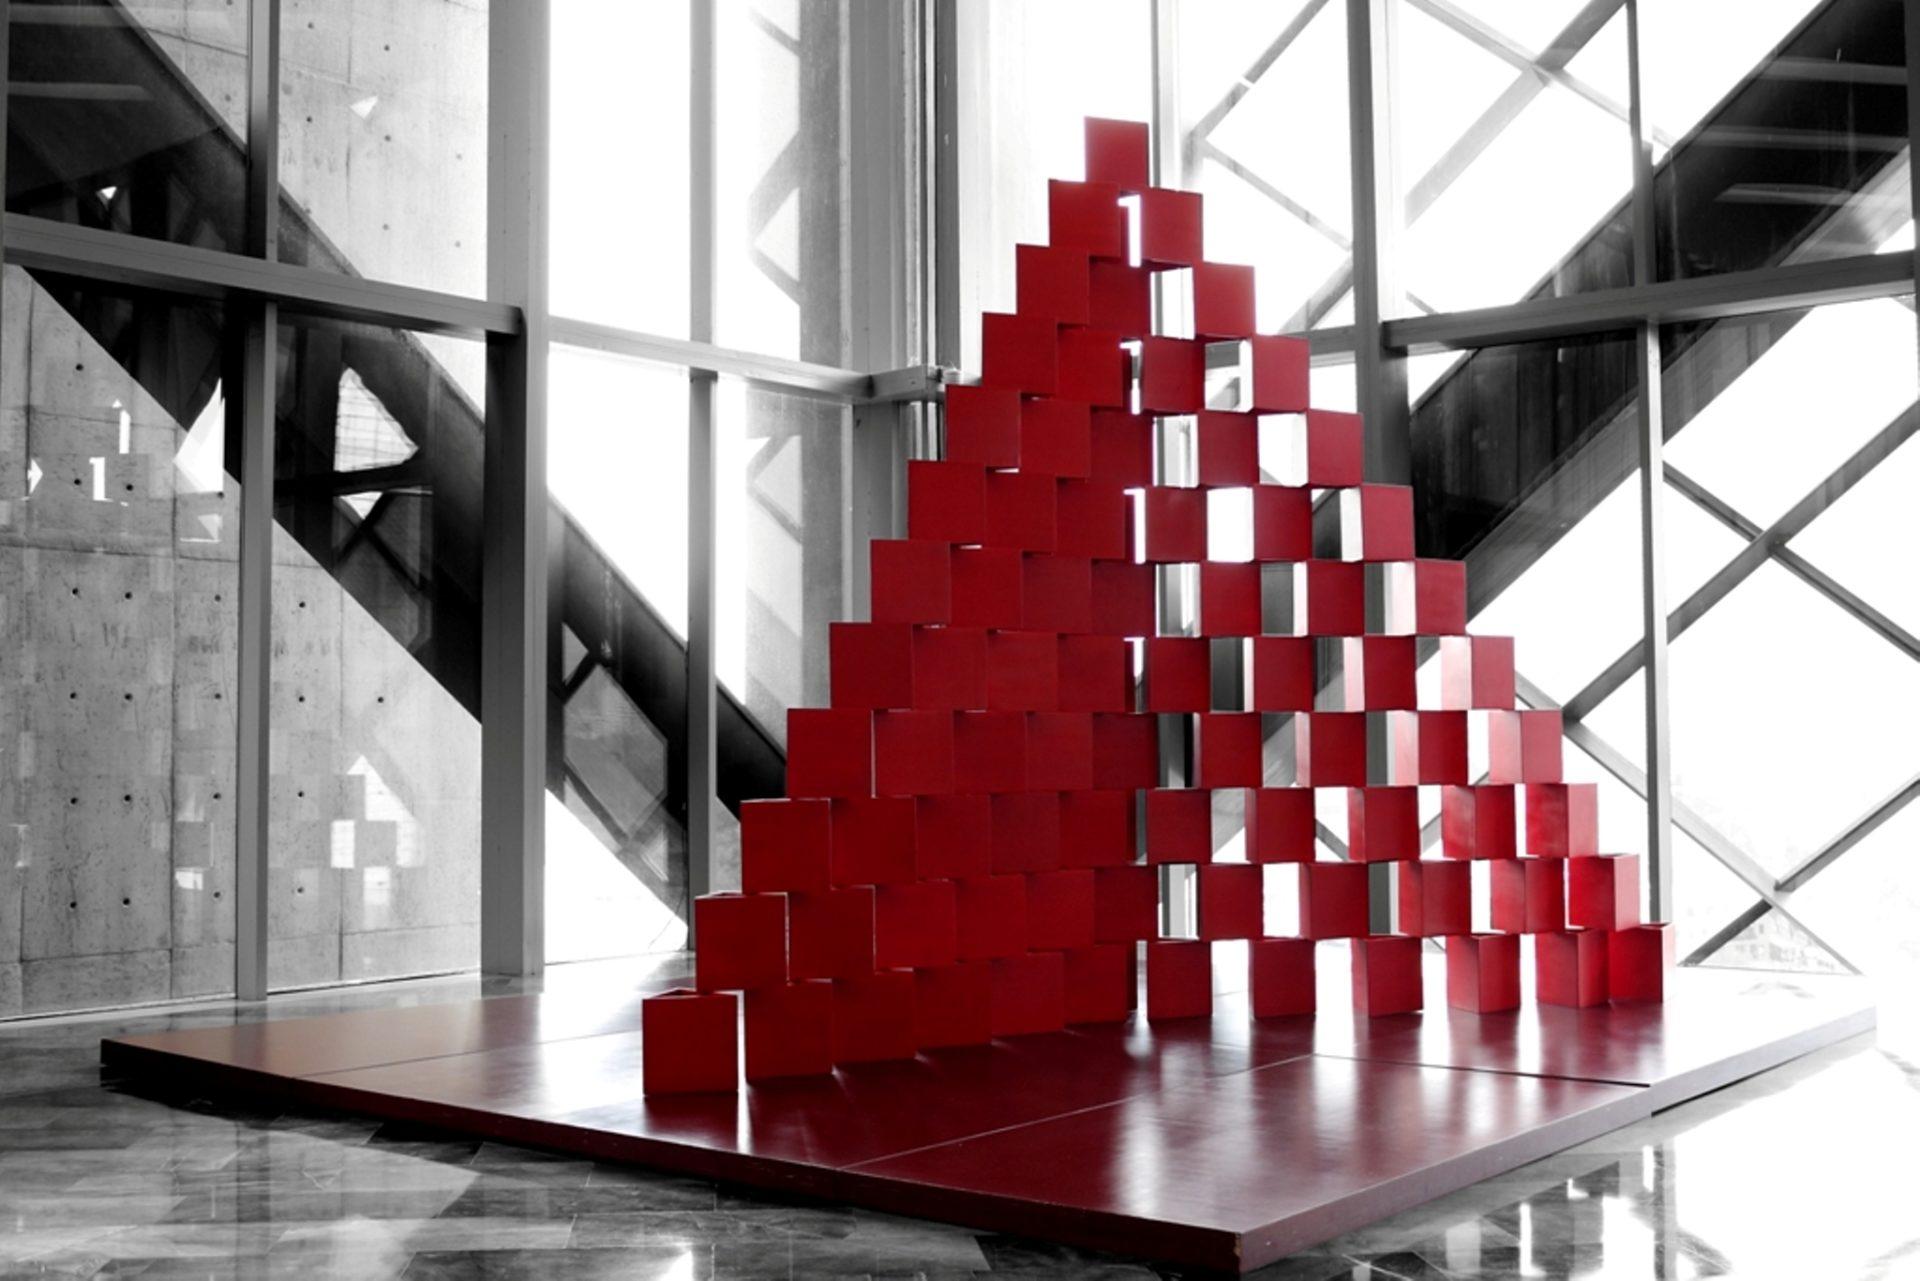 Pirámide Goeritz Colección BBVA Bancomer